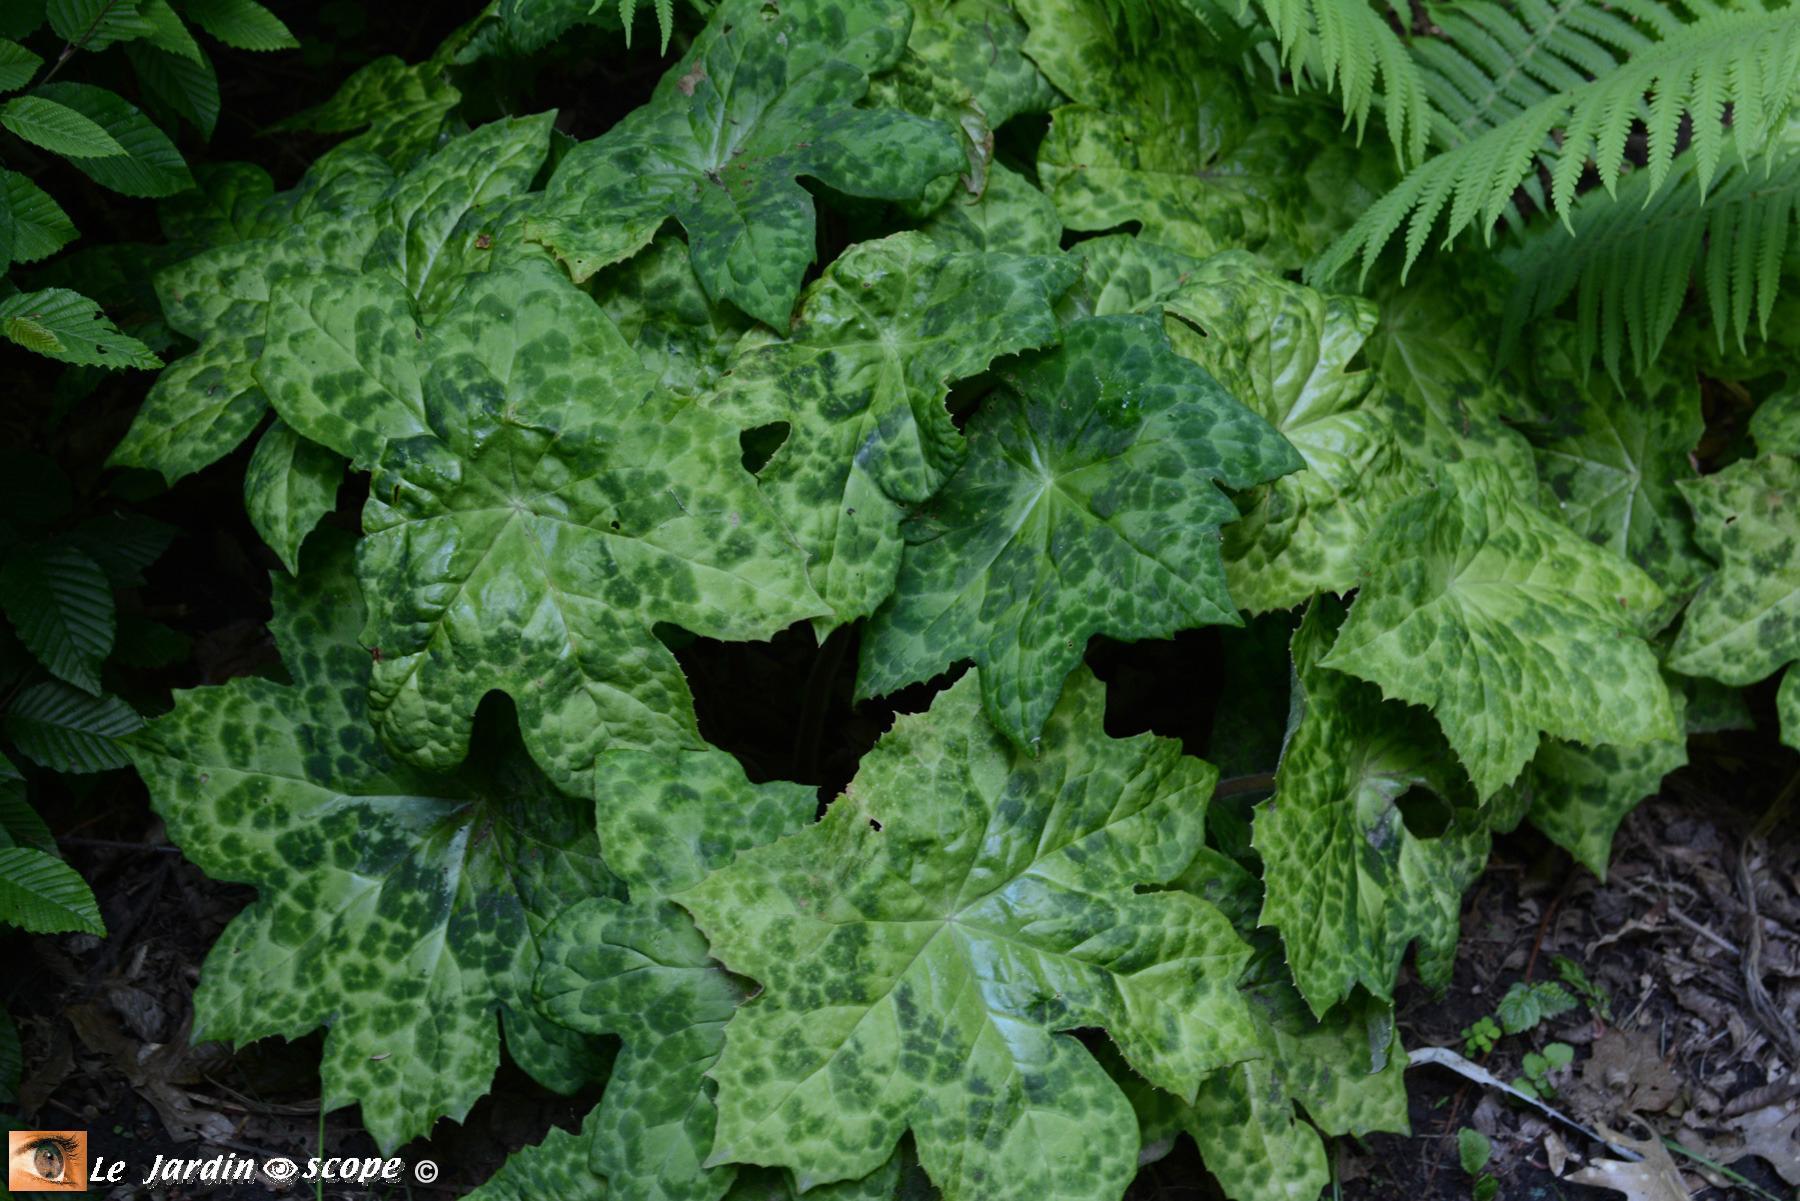 Le Podophyllum Une Plante Originale Pour Un Coin D'ombre ... pour Plante Jardin Ombre